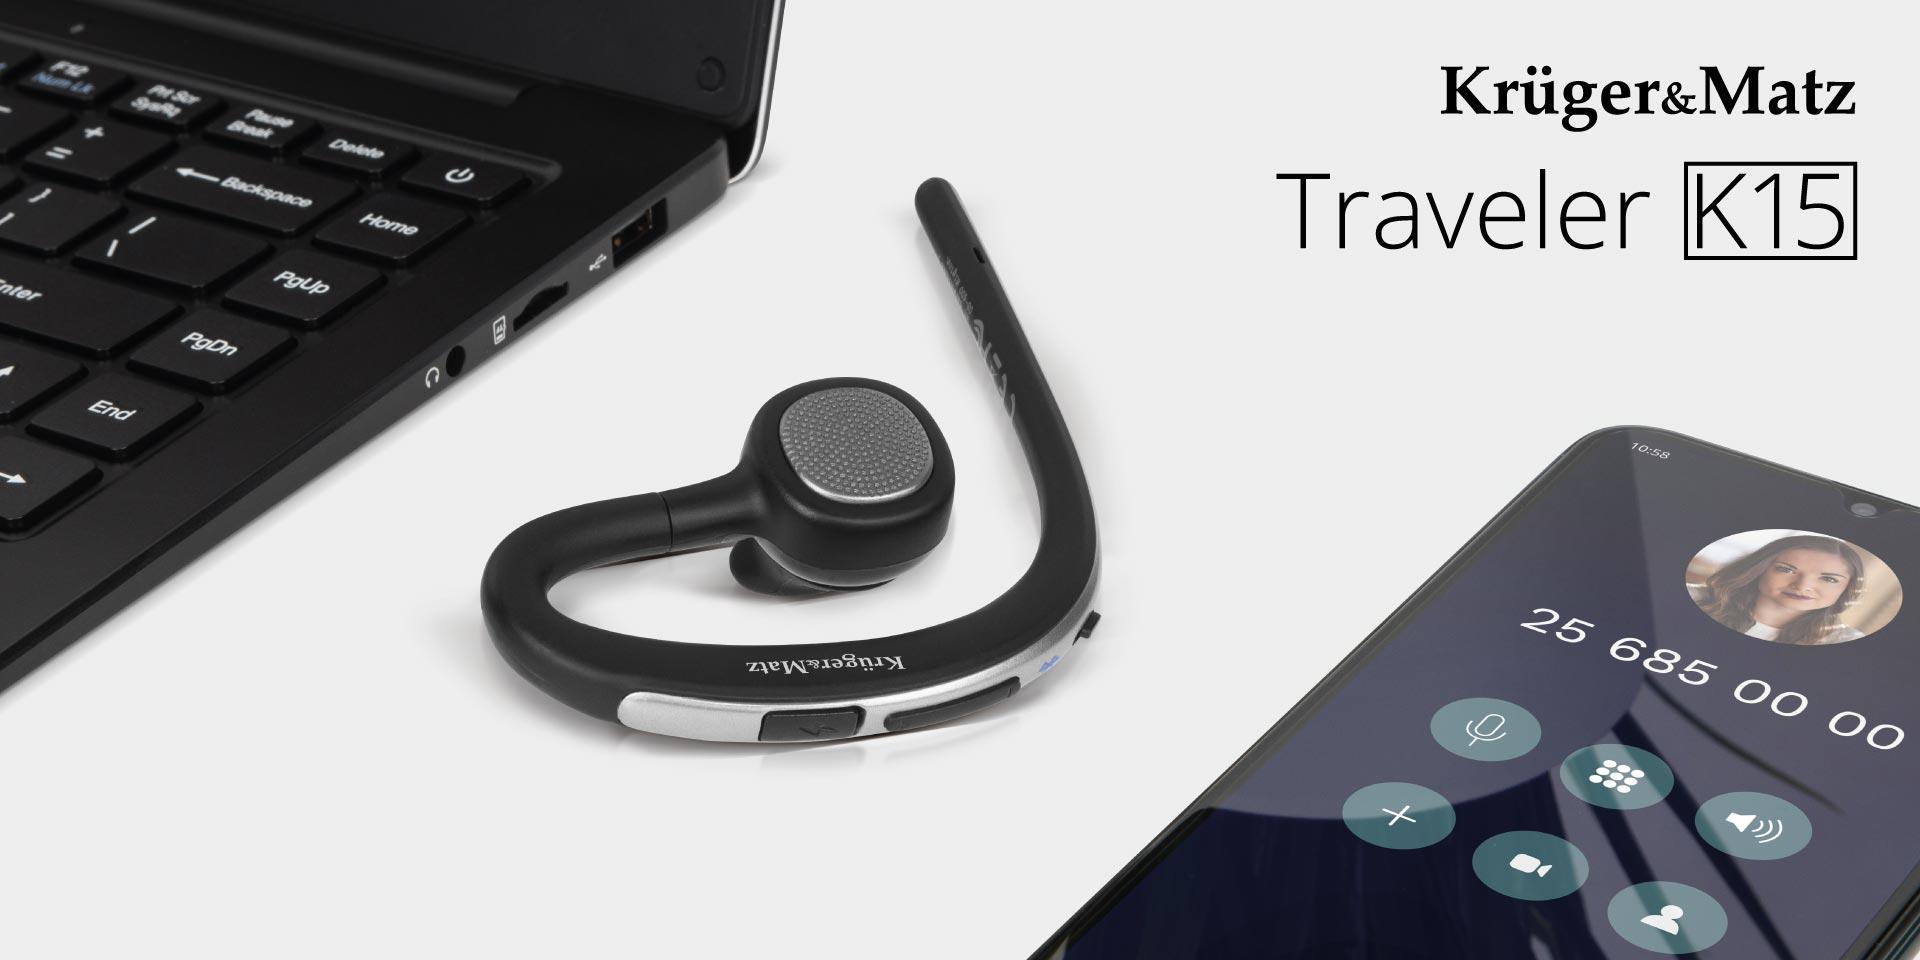 Zestaw słuchawkowy do samochodu Kruger&Matz Traveler K15